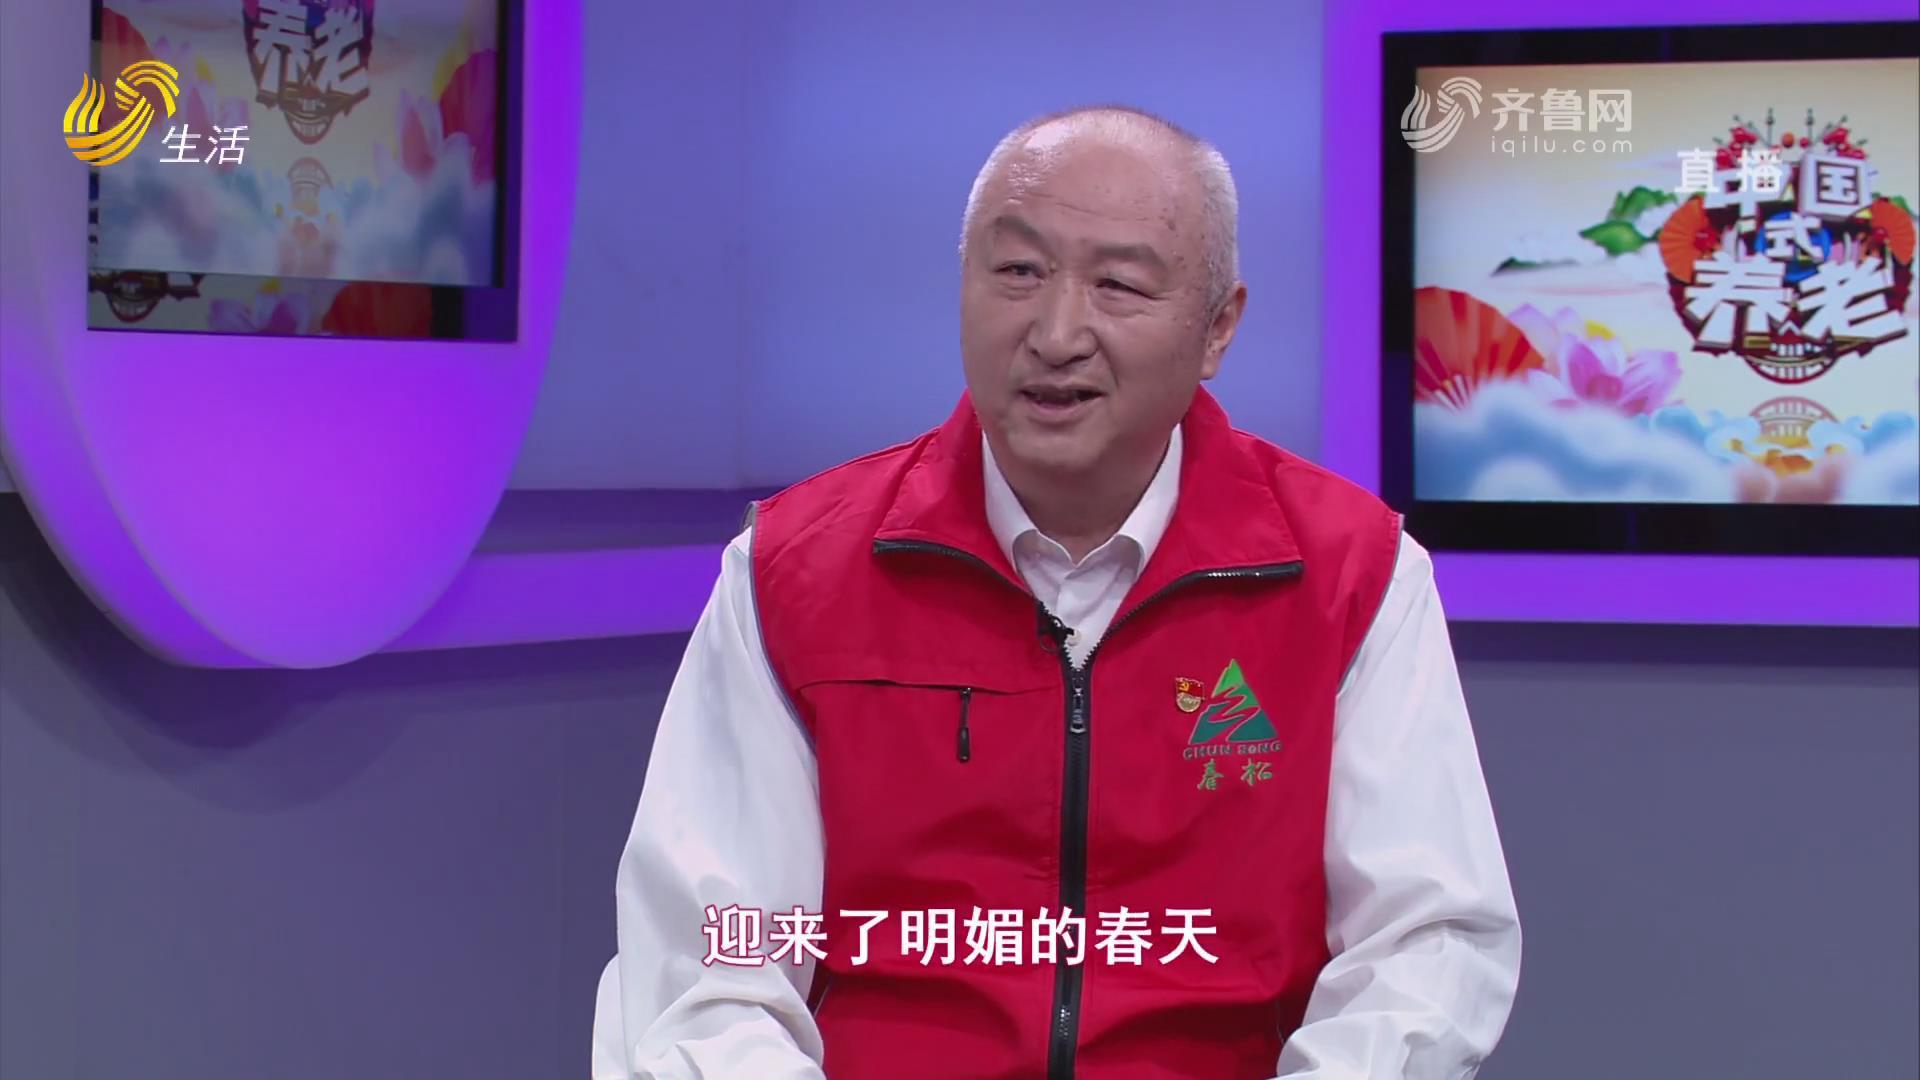 中國式養老-春松老年志愿者服務隊:退休不褪色 余熱再生輝